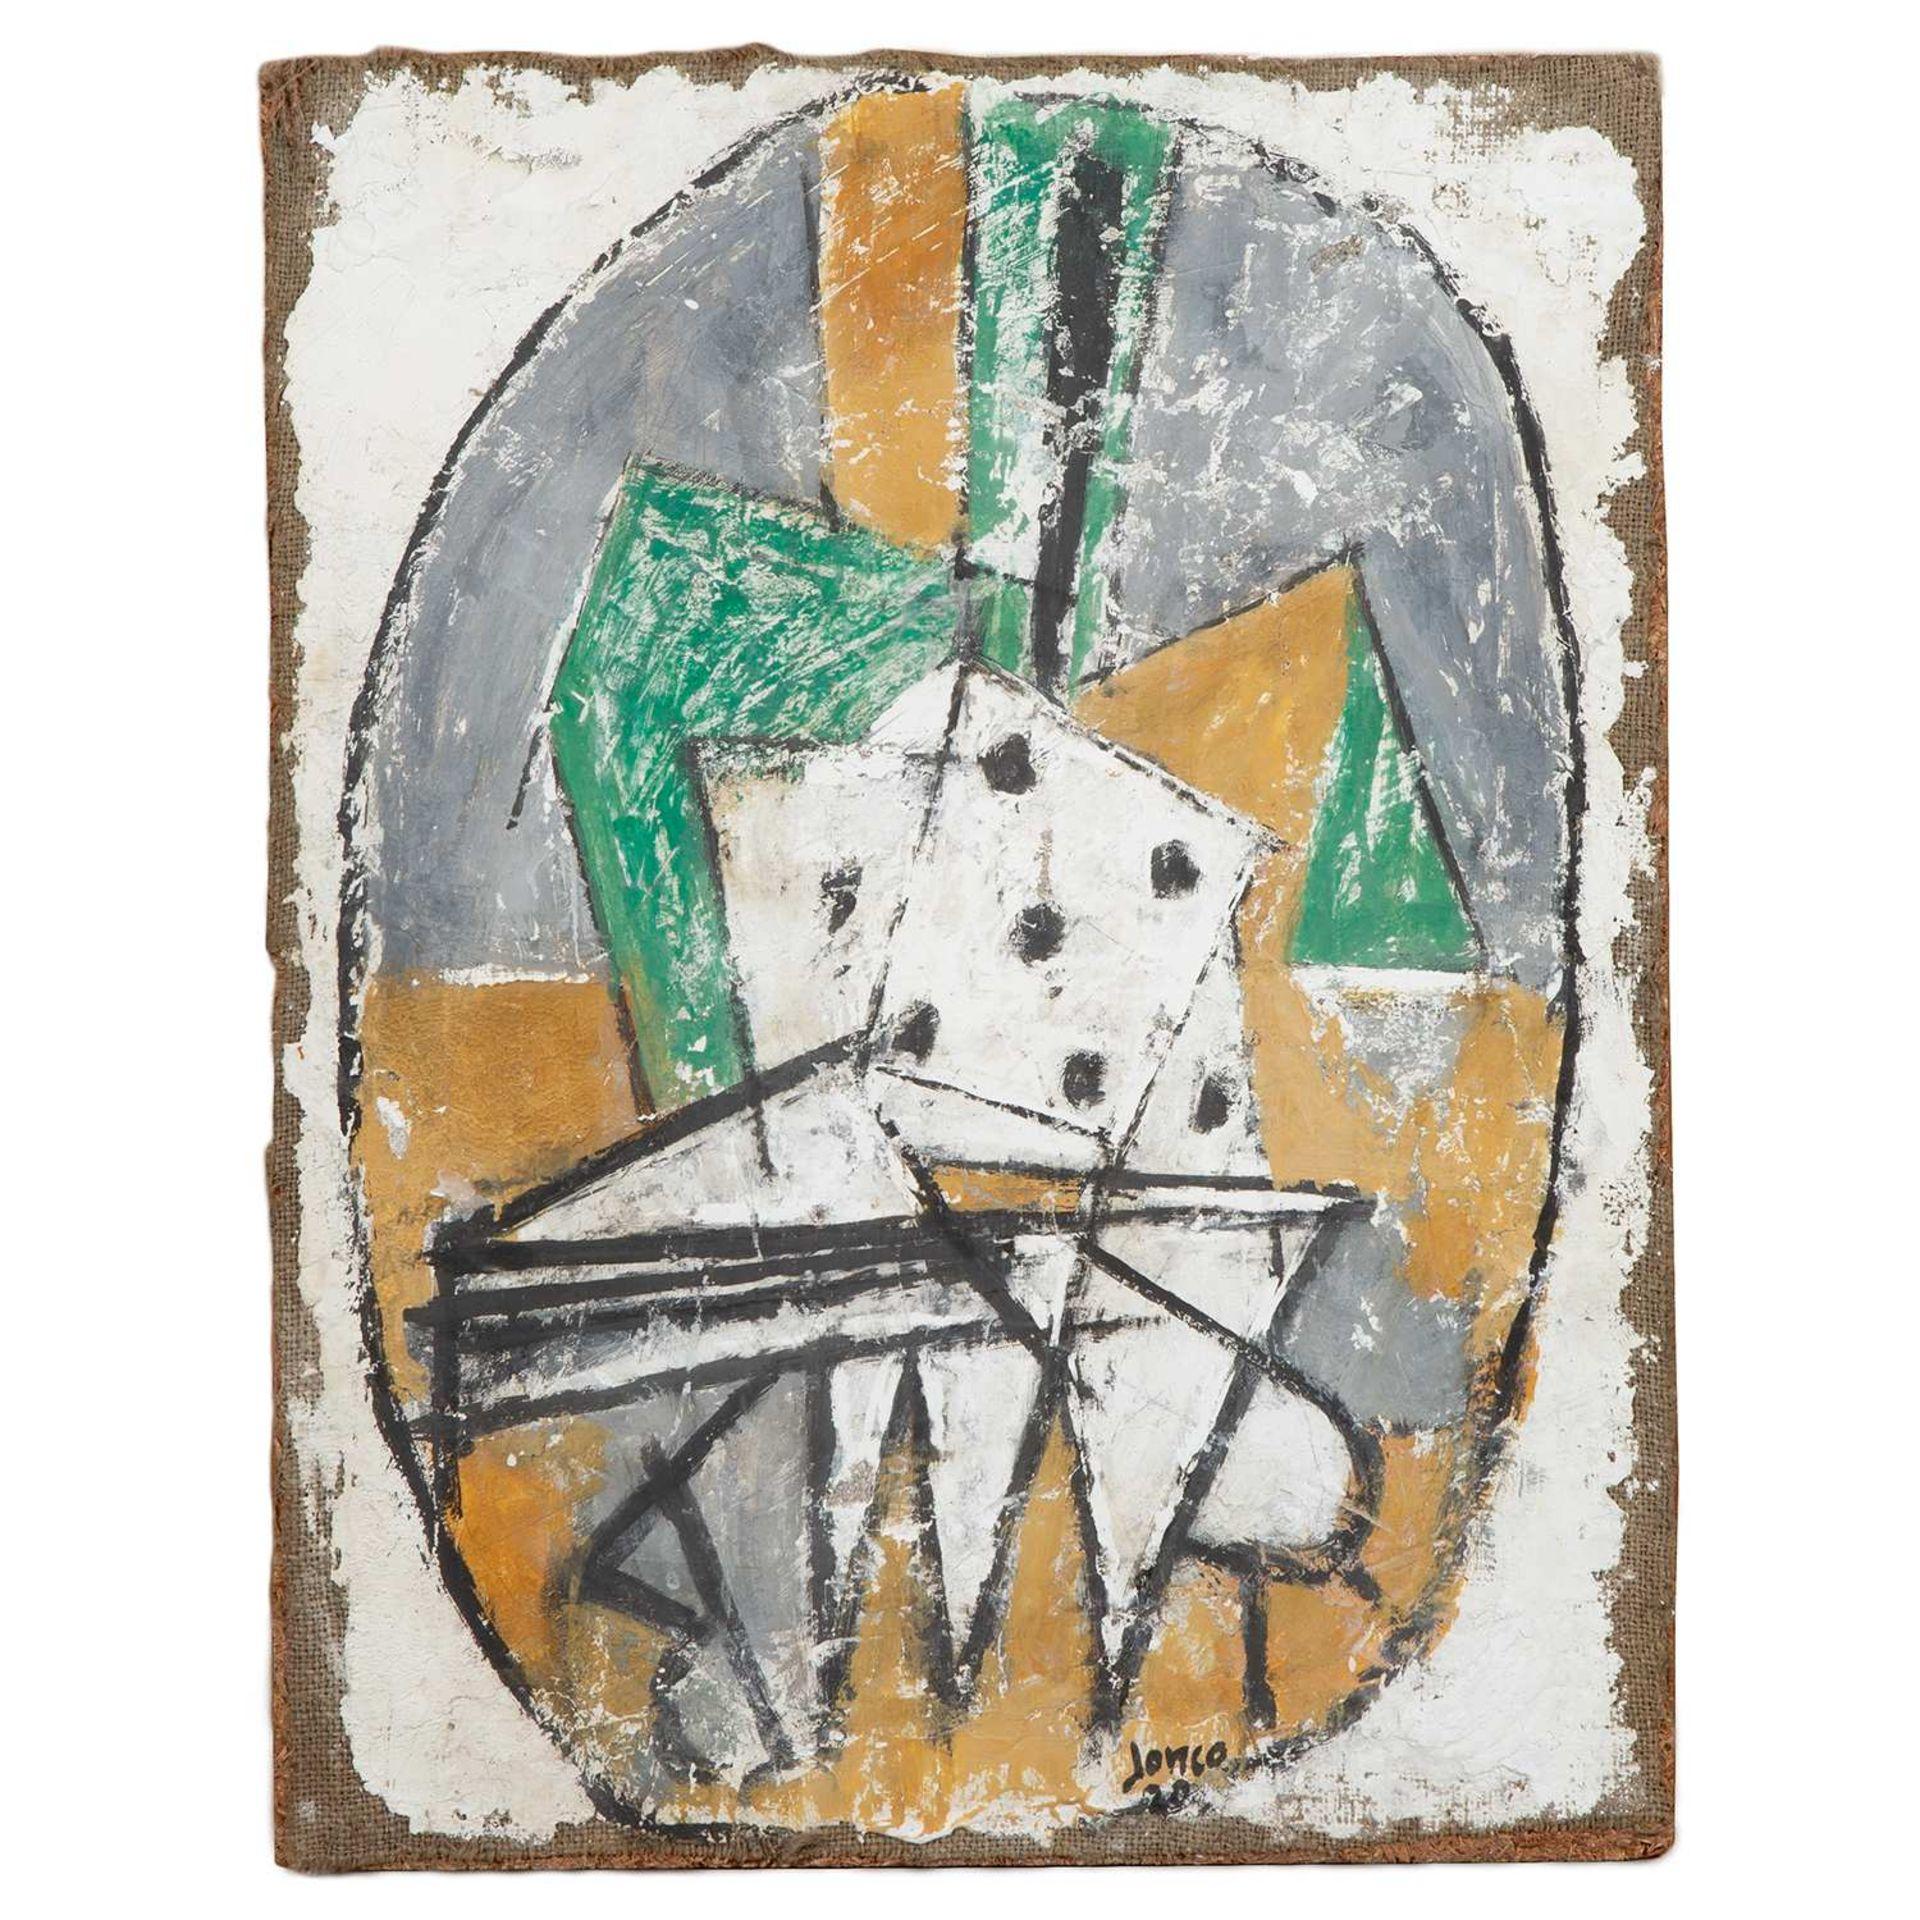 Los 11 - MARCEL JANCO (1895-1984) JEU DE DÉS, 1920 Peinture sur plâtre sur toile contrecollée sur panneau